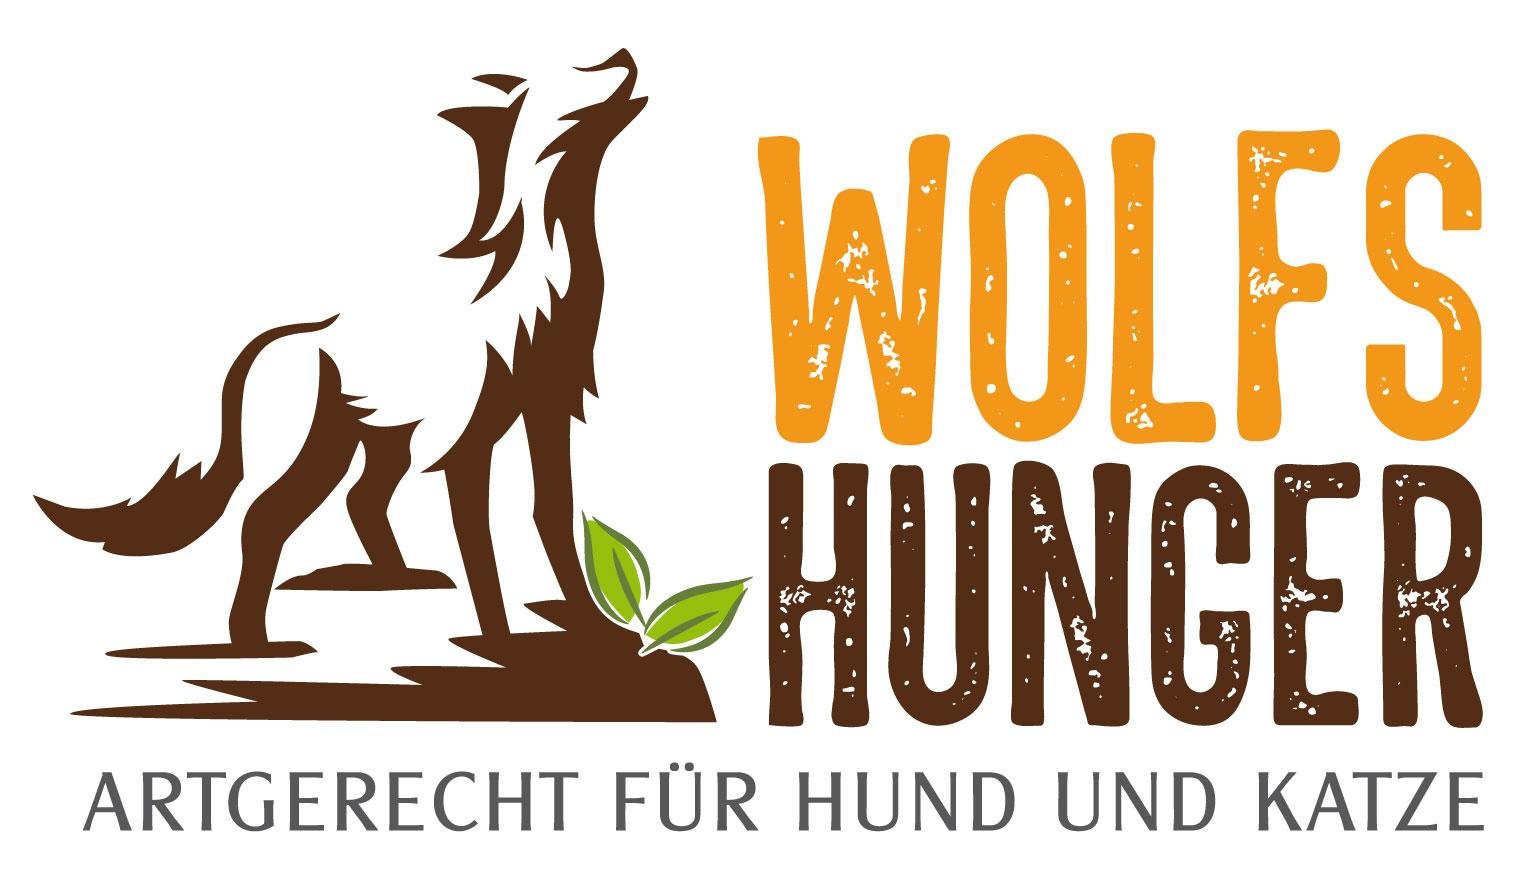 Logo Wolfshunger - STEBU Gerüstbau GmbH in Essen